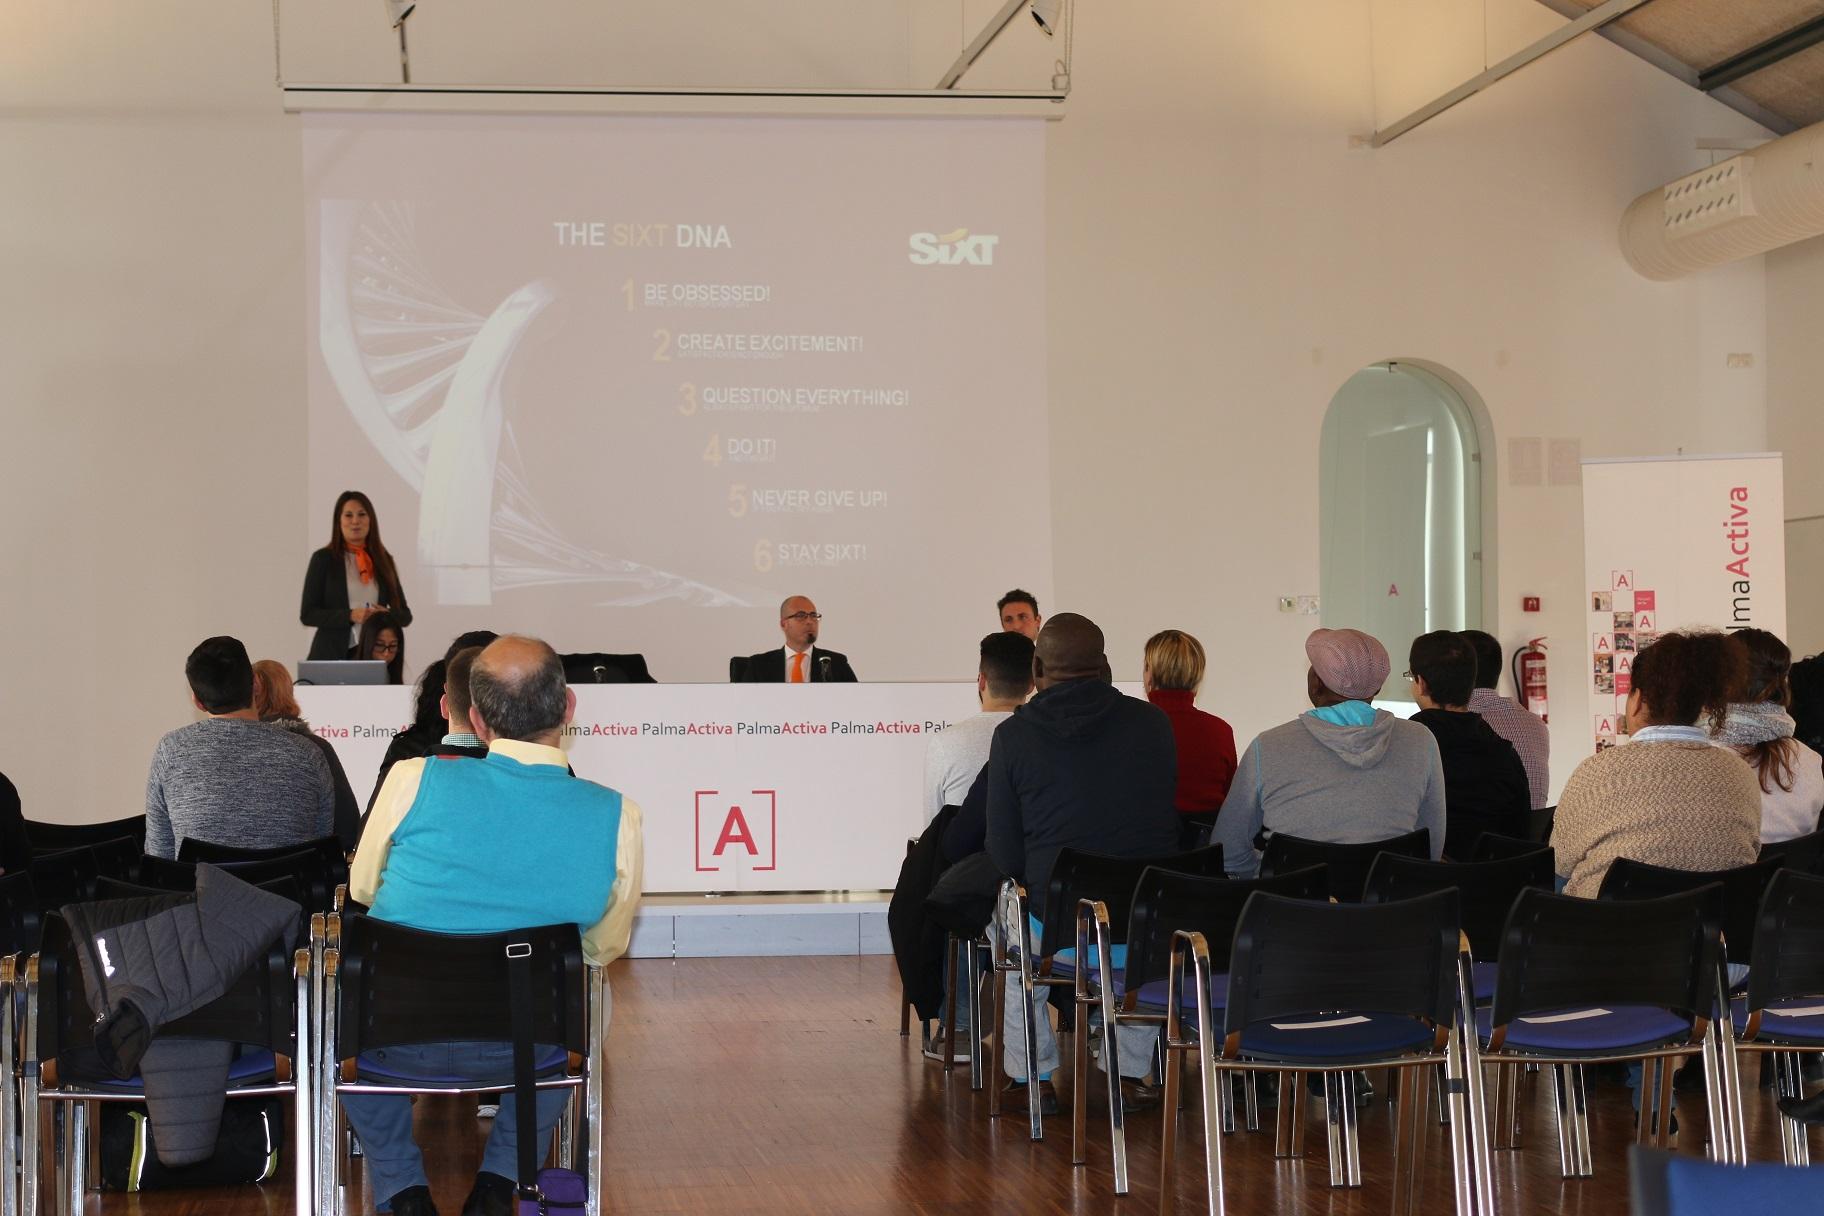 PalmaActiva selecciona personal per a l'empresa Sixt